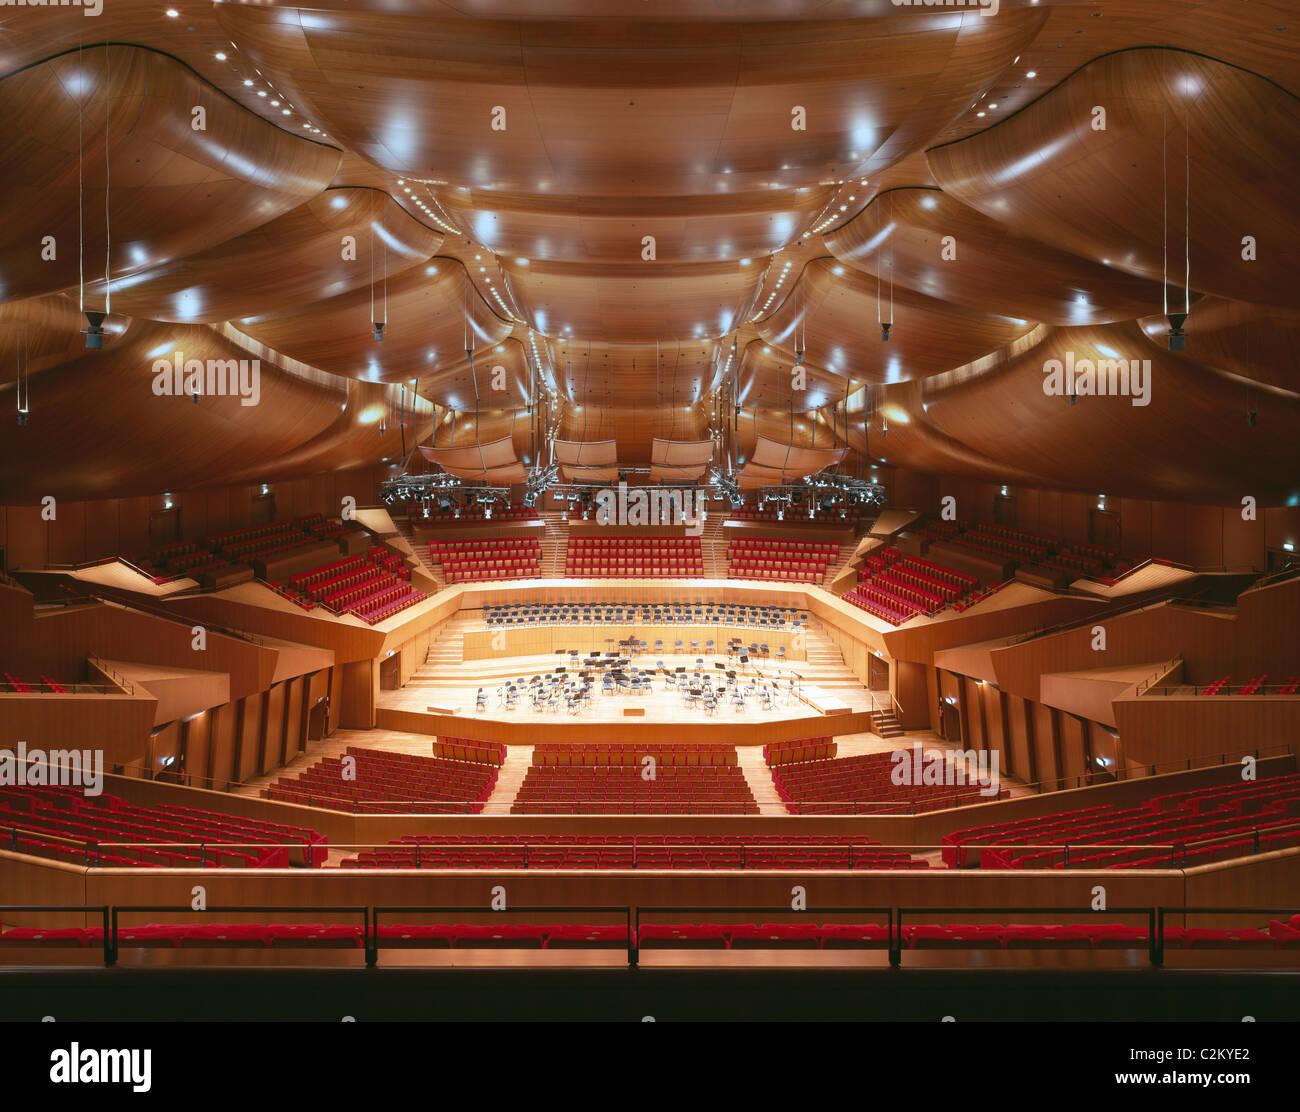 Auditorio Parco della Musica, Roma, 1997-2002. Sala Santa Cecilia. Imagen De Stock